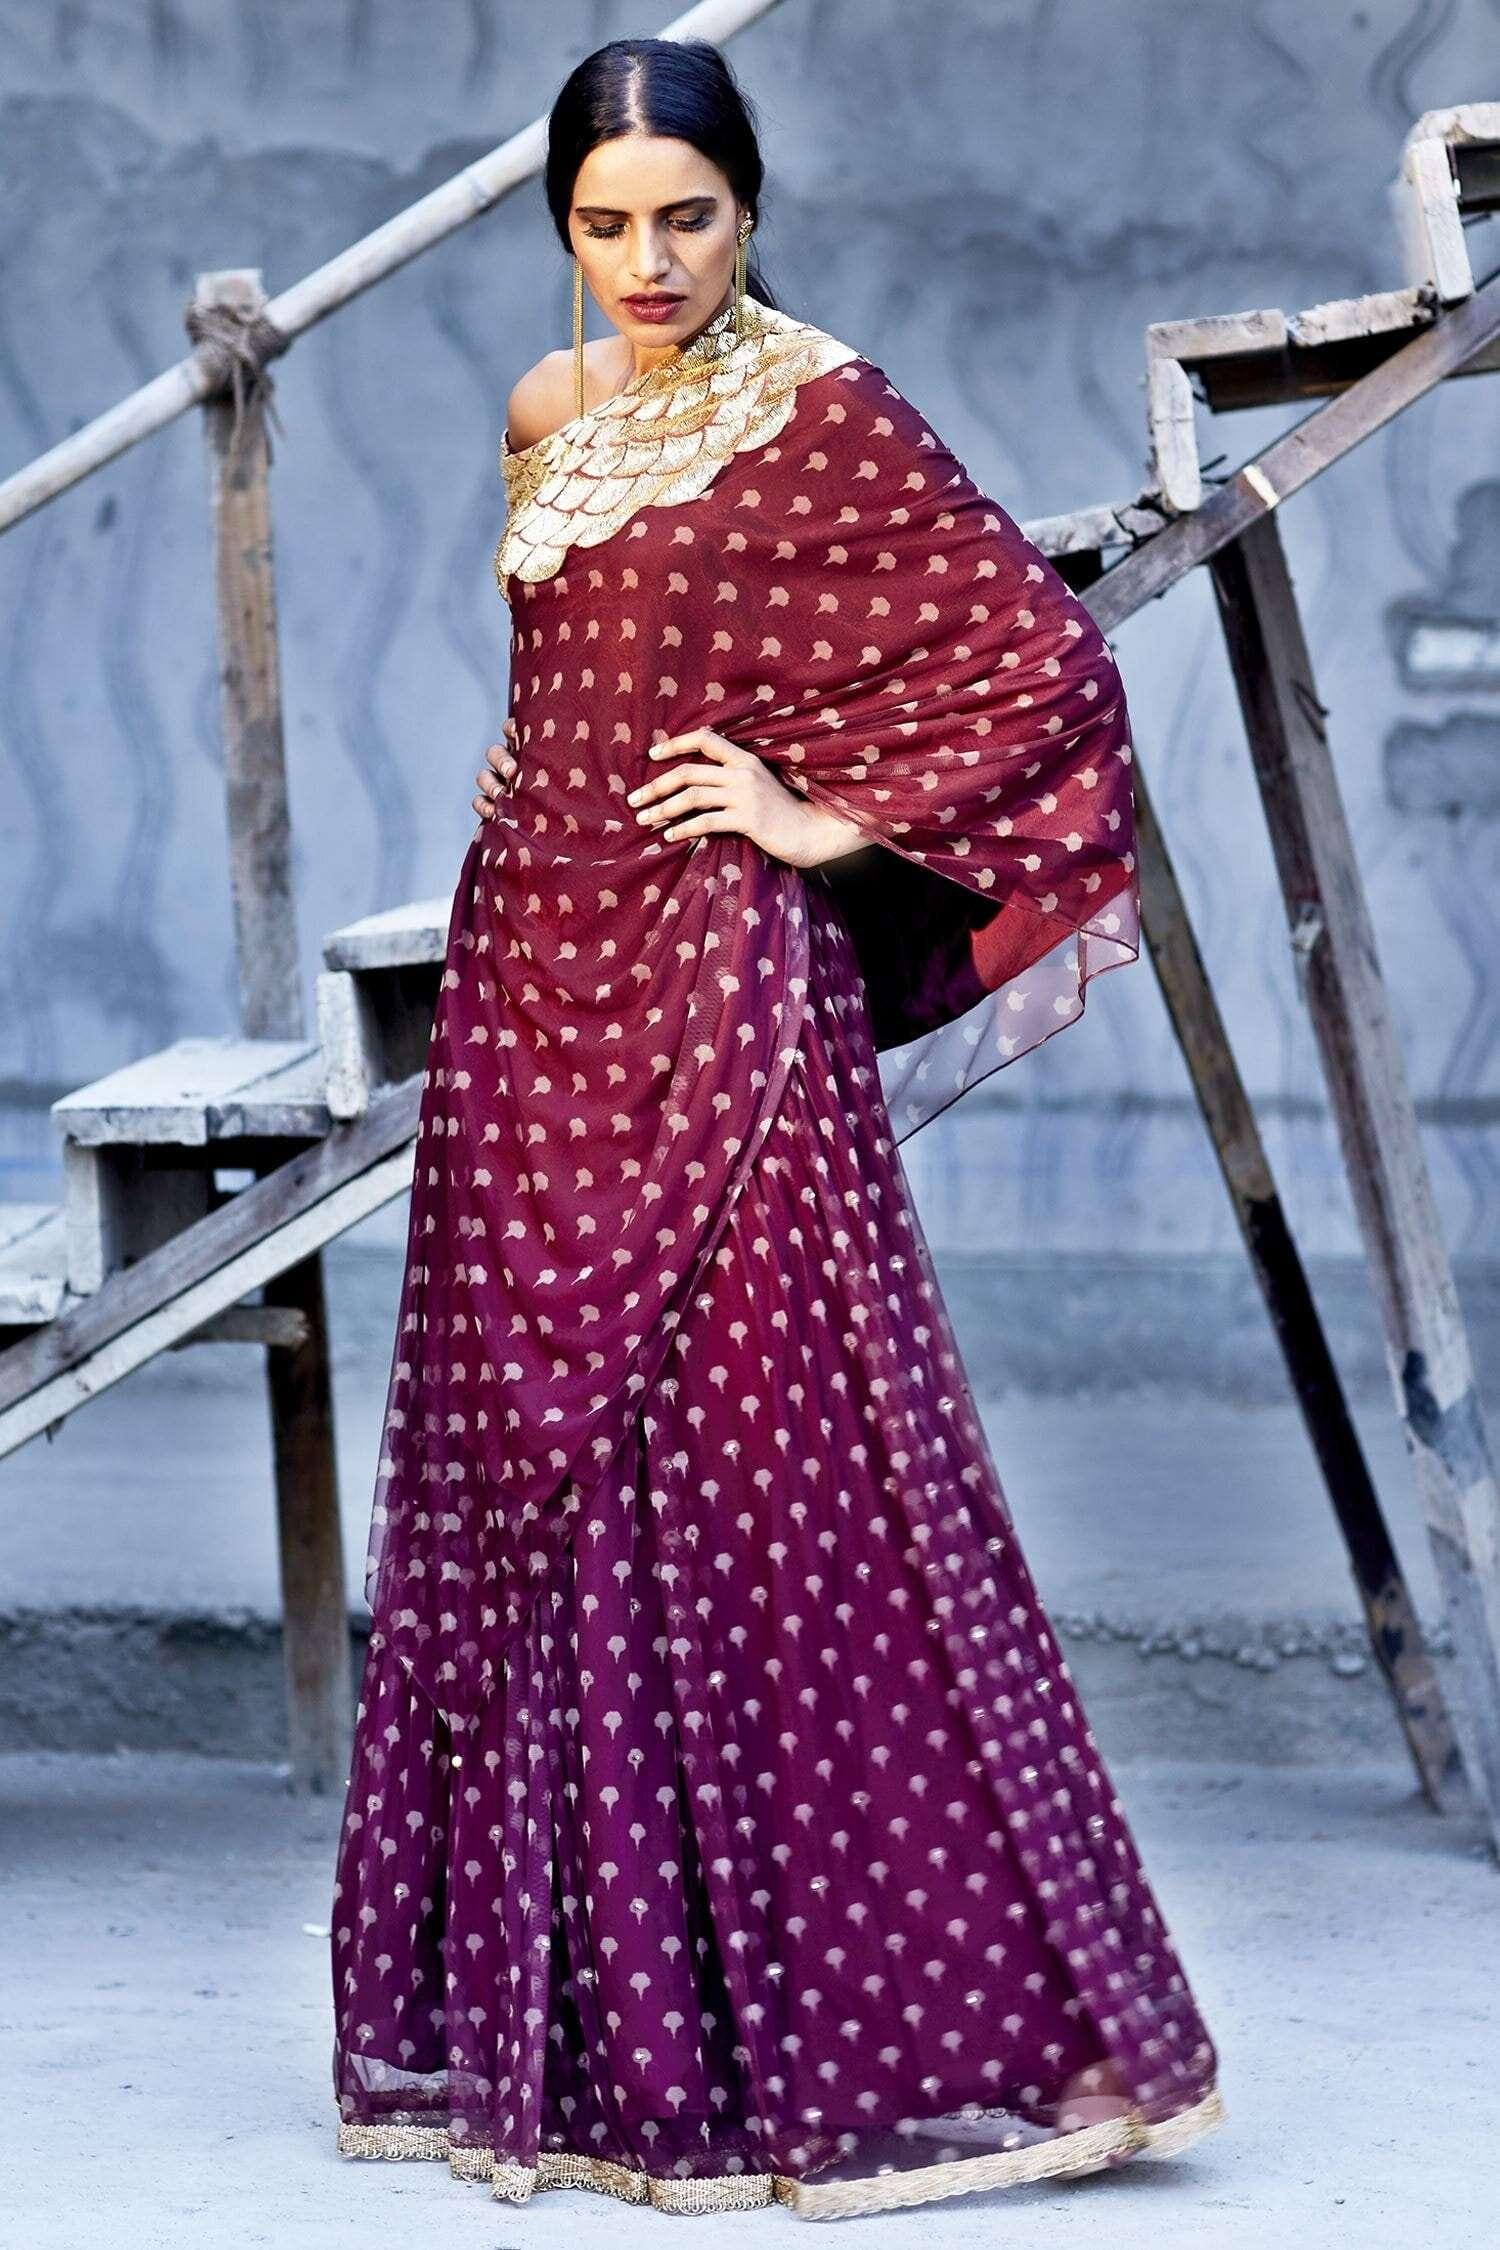 Zoraya kaftan lehenga for Diwali Shopping